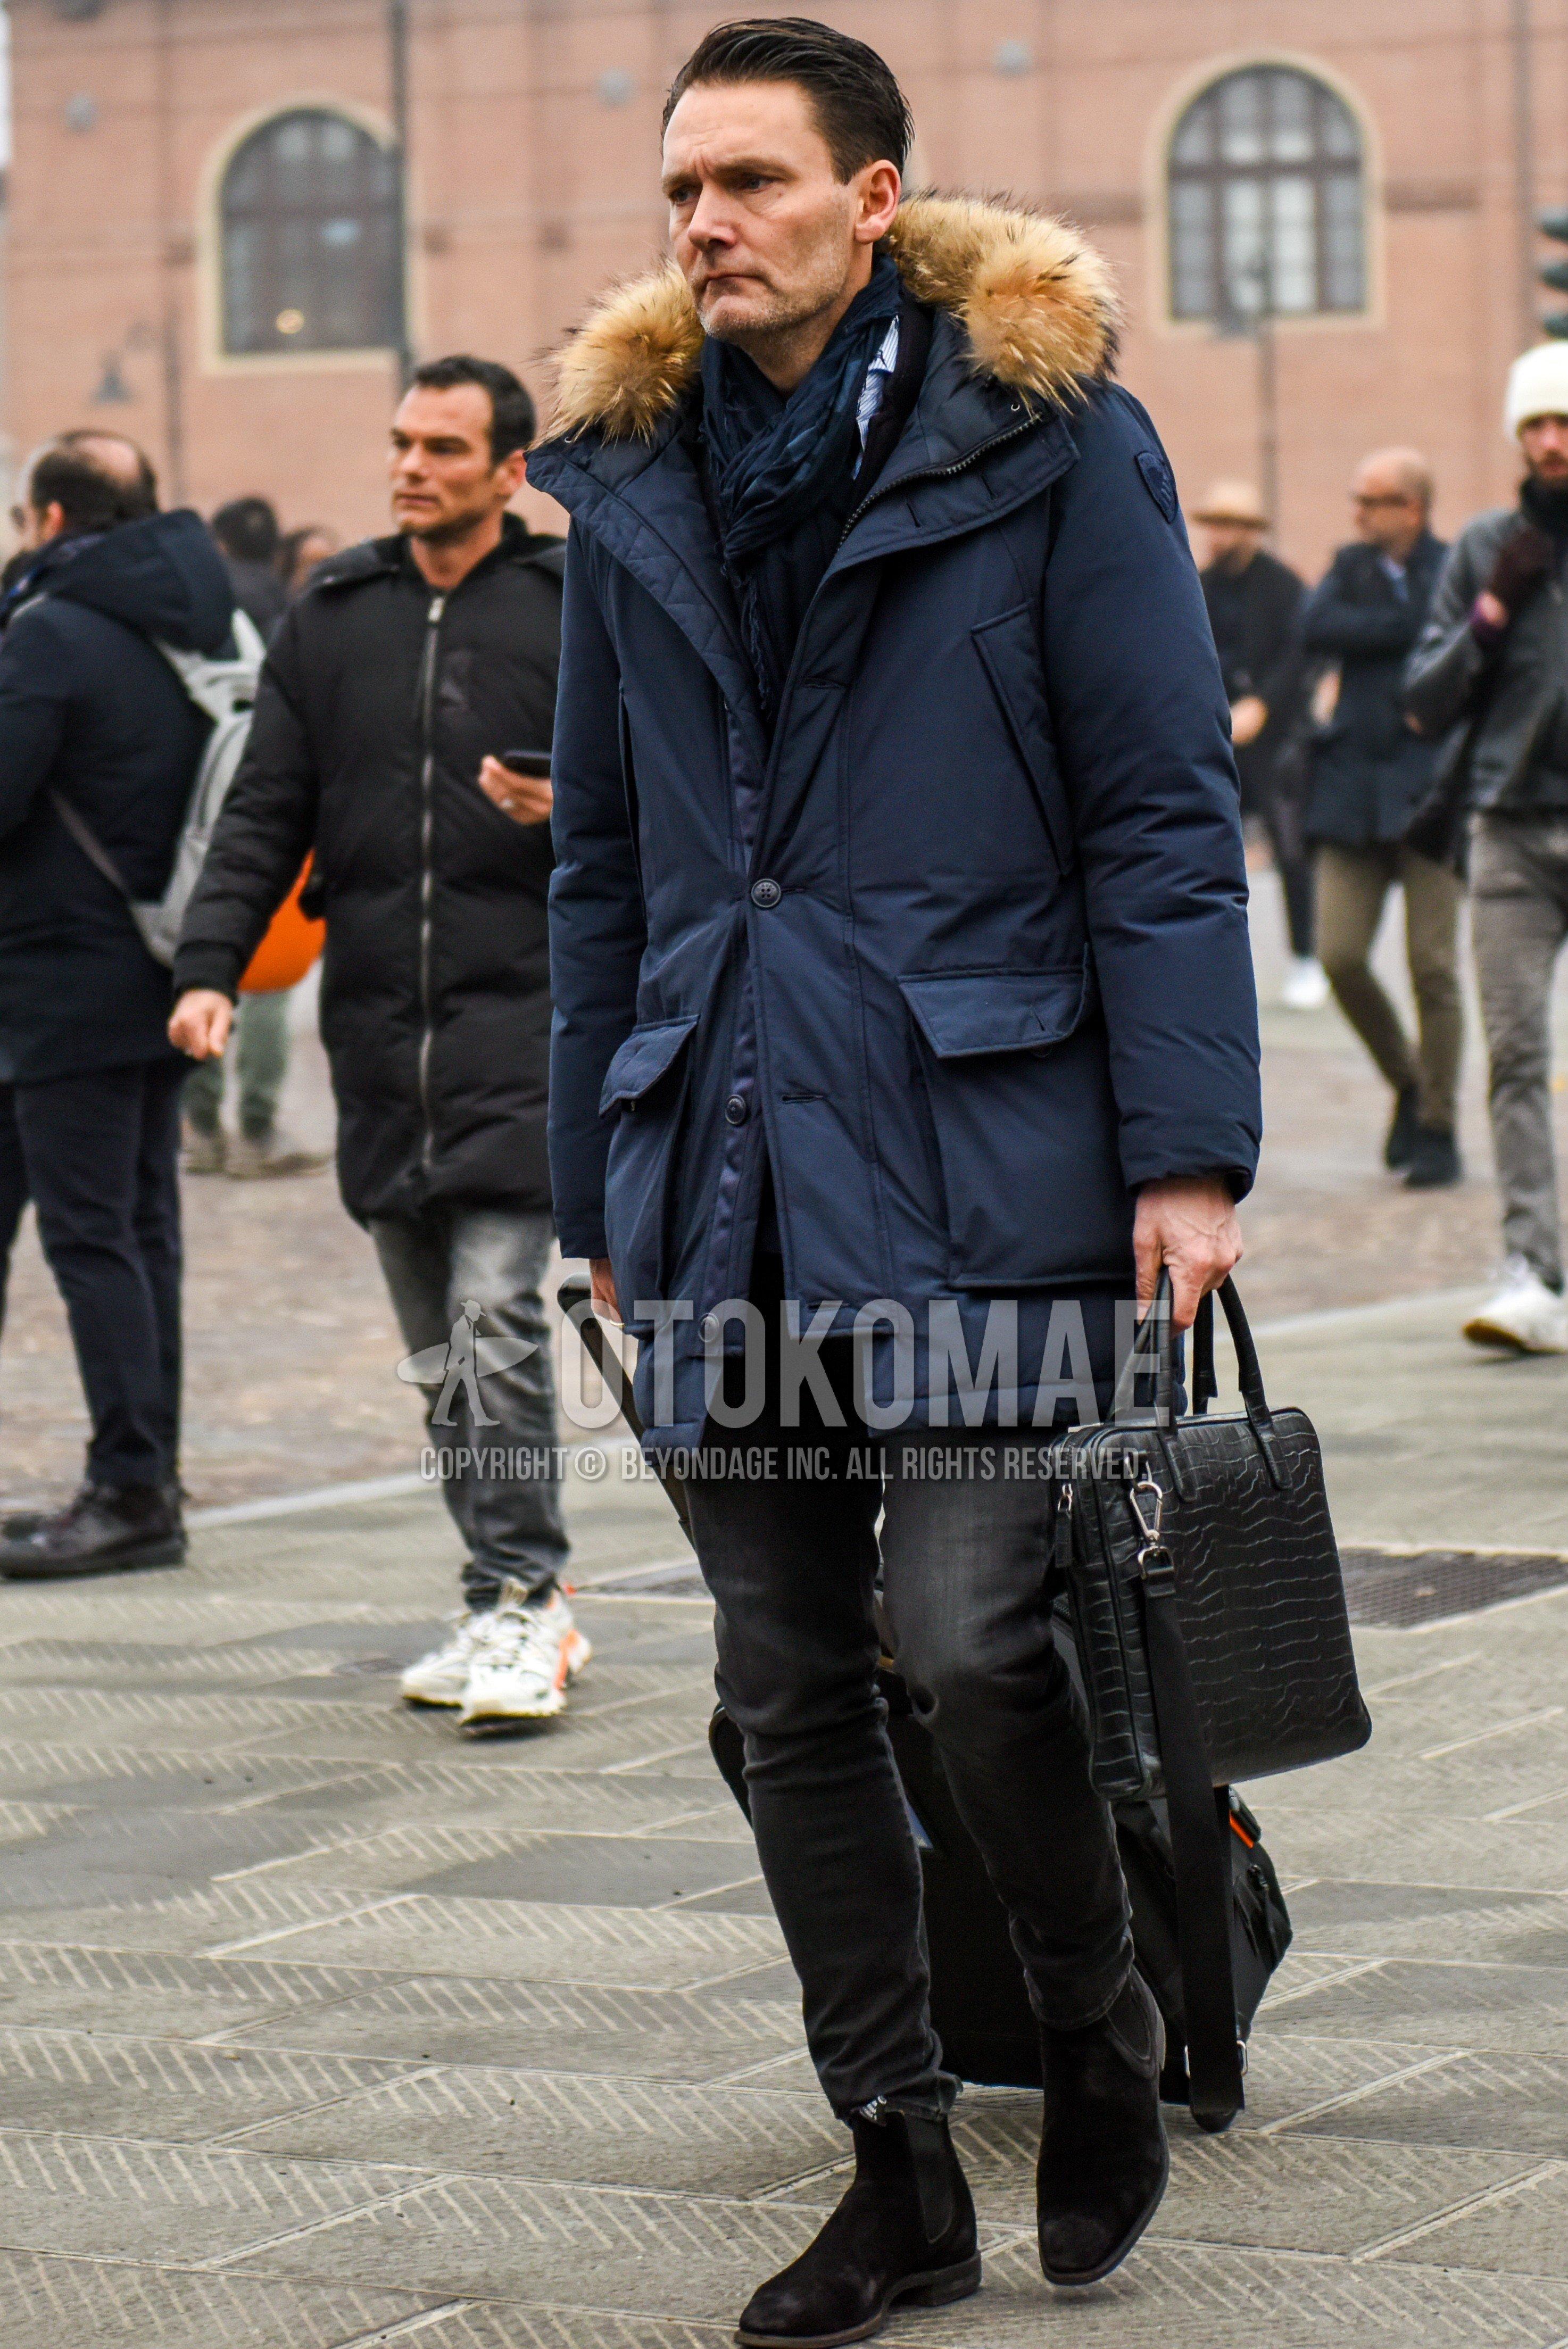 ネイビー無地のマフラー/ストール、ネイビー無地のダウンジャケット、白・水色ストライプのシャツ、グレー無地のデニム/ジーンズ、ブラウンサイドゴアのブーツ、スエードシューズの革靴、黒無地のブリーフケース/ハンドバッグを合わせた冬のメンズコーデ・着こなし。